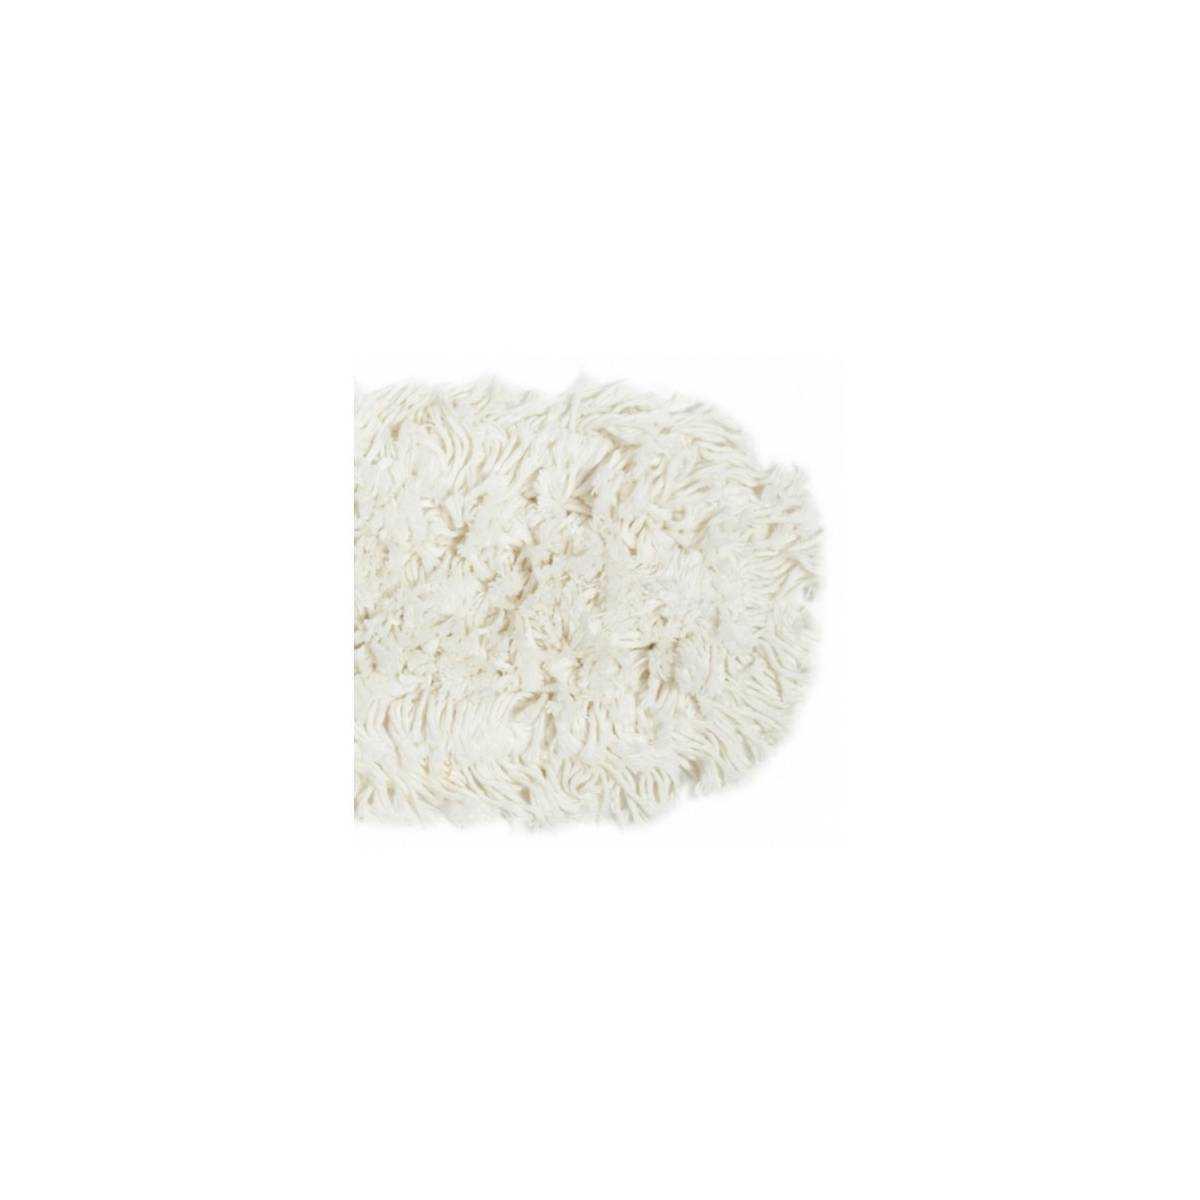 Запаска (моп) швабры для сухой уборки хлопок 40см 18020 TTS